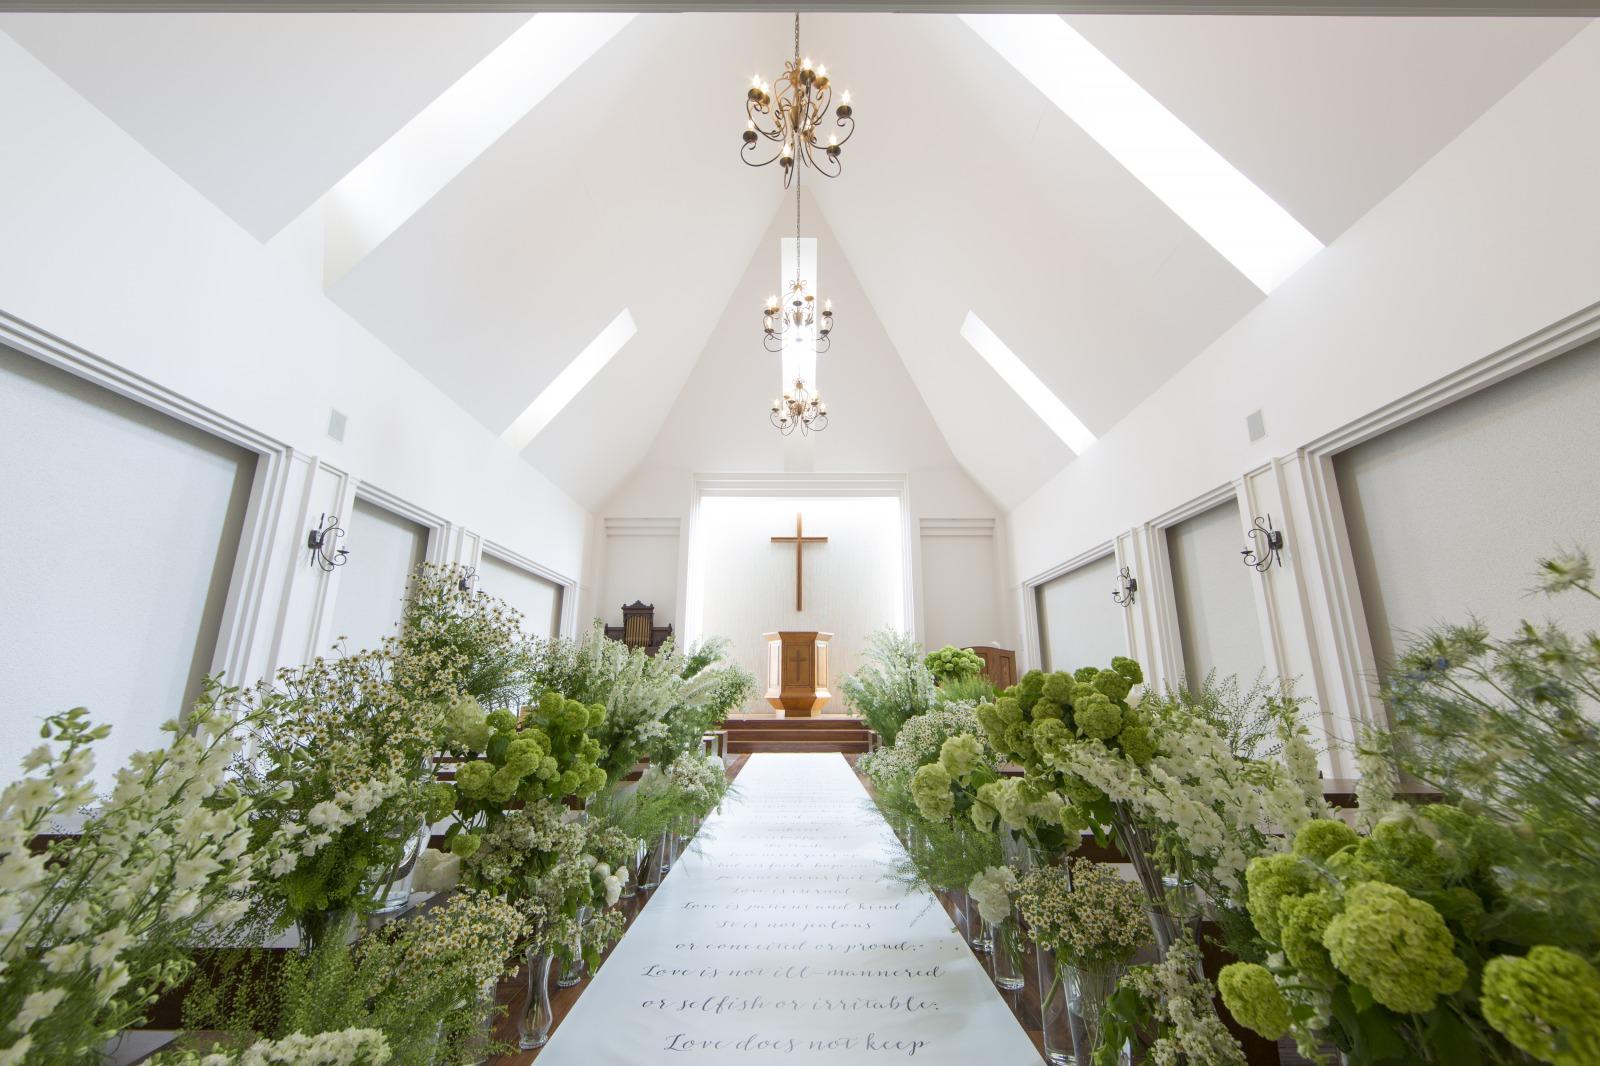 099H055 木の教会 本格教会式 挙式プラン